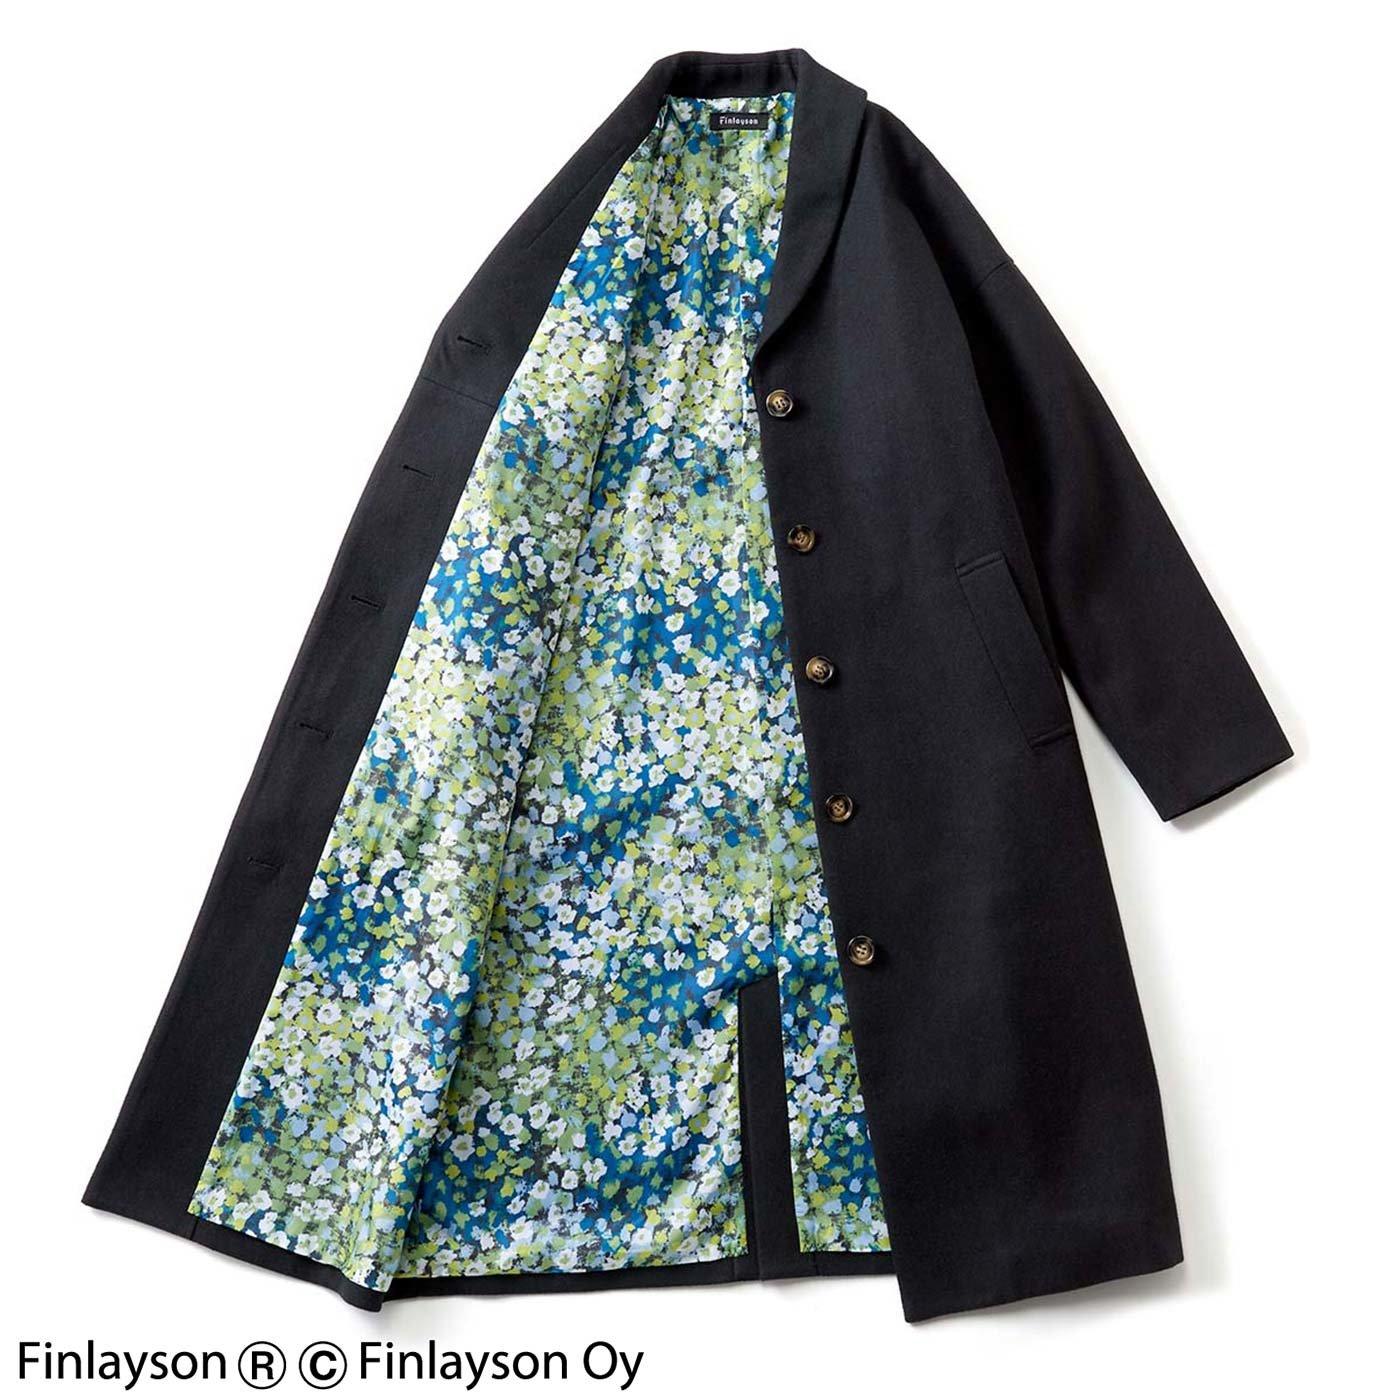 フィンレイソン 裏地が華やかな へちまカラーコート〈レイニッキ〉